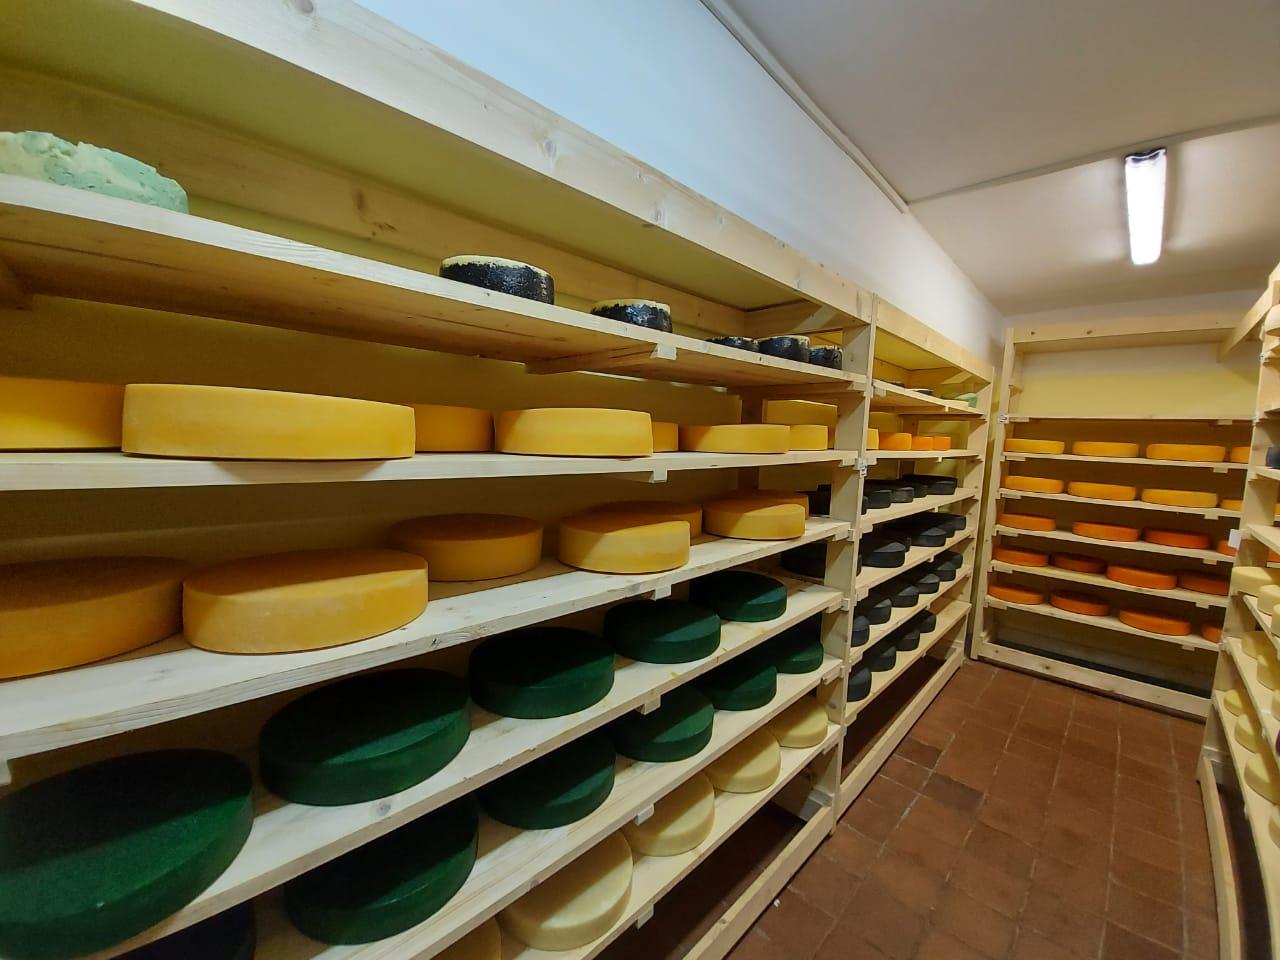 Ярославский сыр получил бронзовую награду на международном конкурсе во Франции